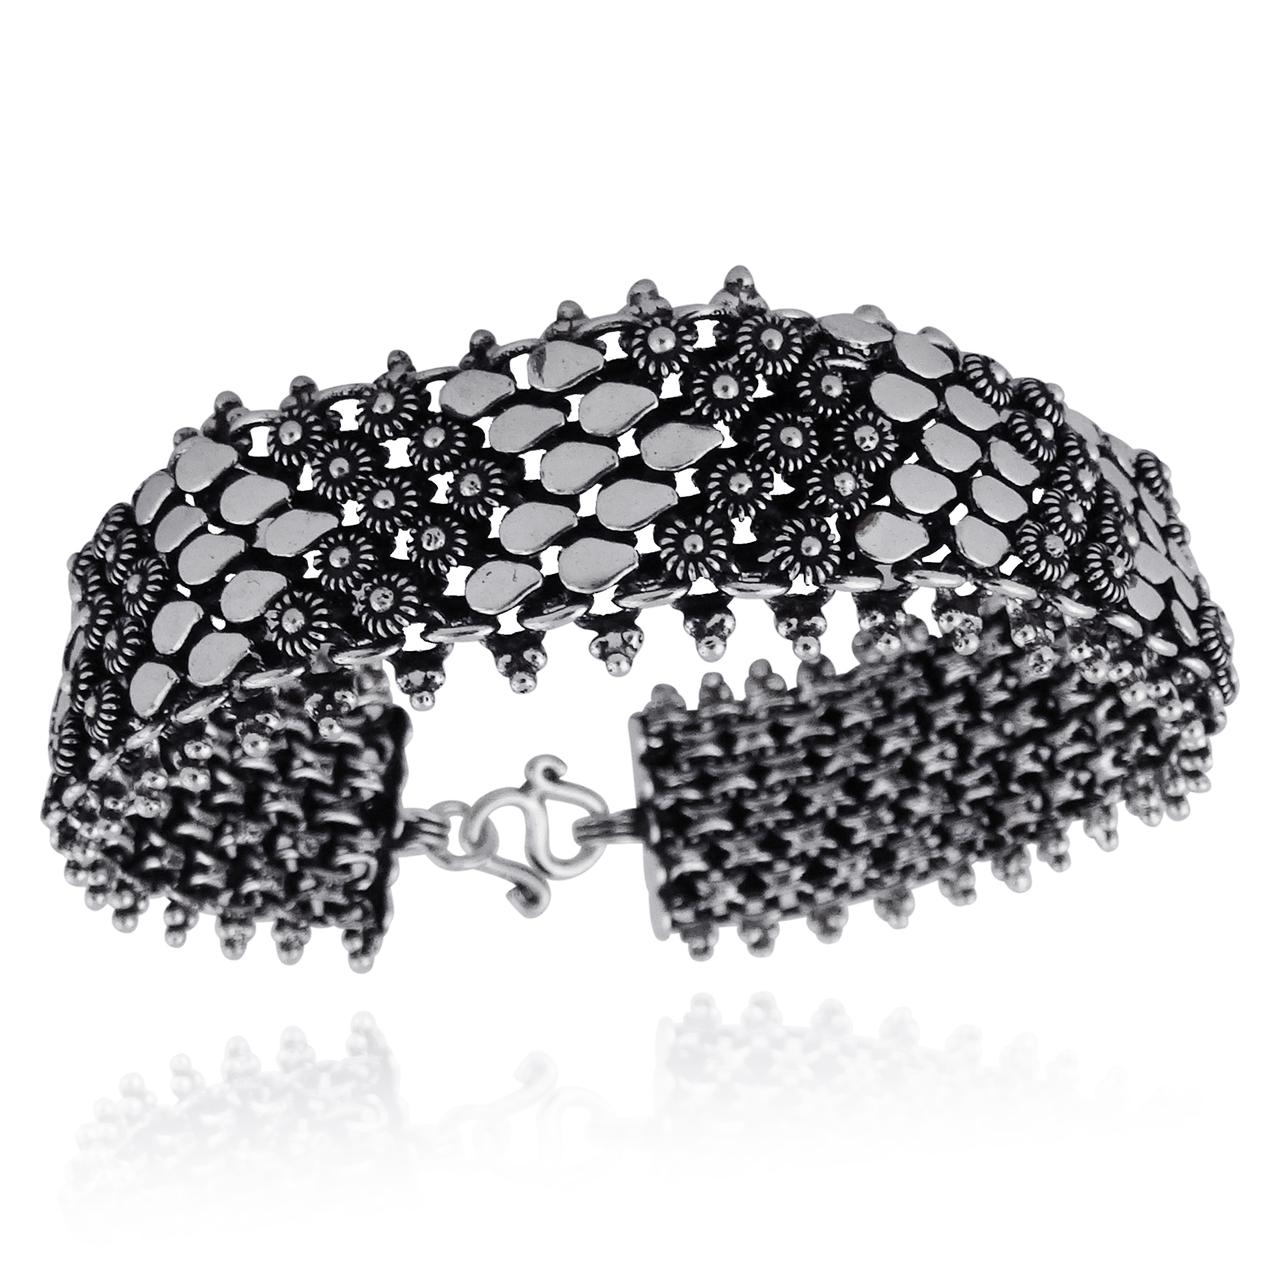 ''7'''' Flower Design Centipede Style Bracelet - 925 Sterling Silver''